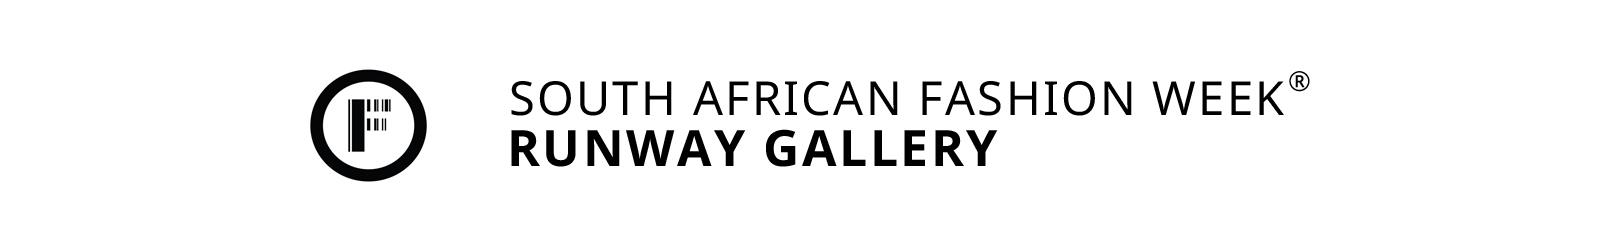 SAFW Runway Gallery